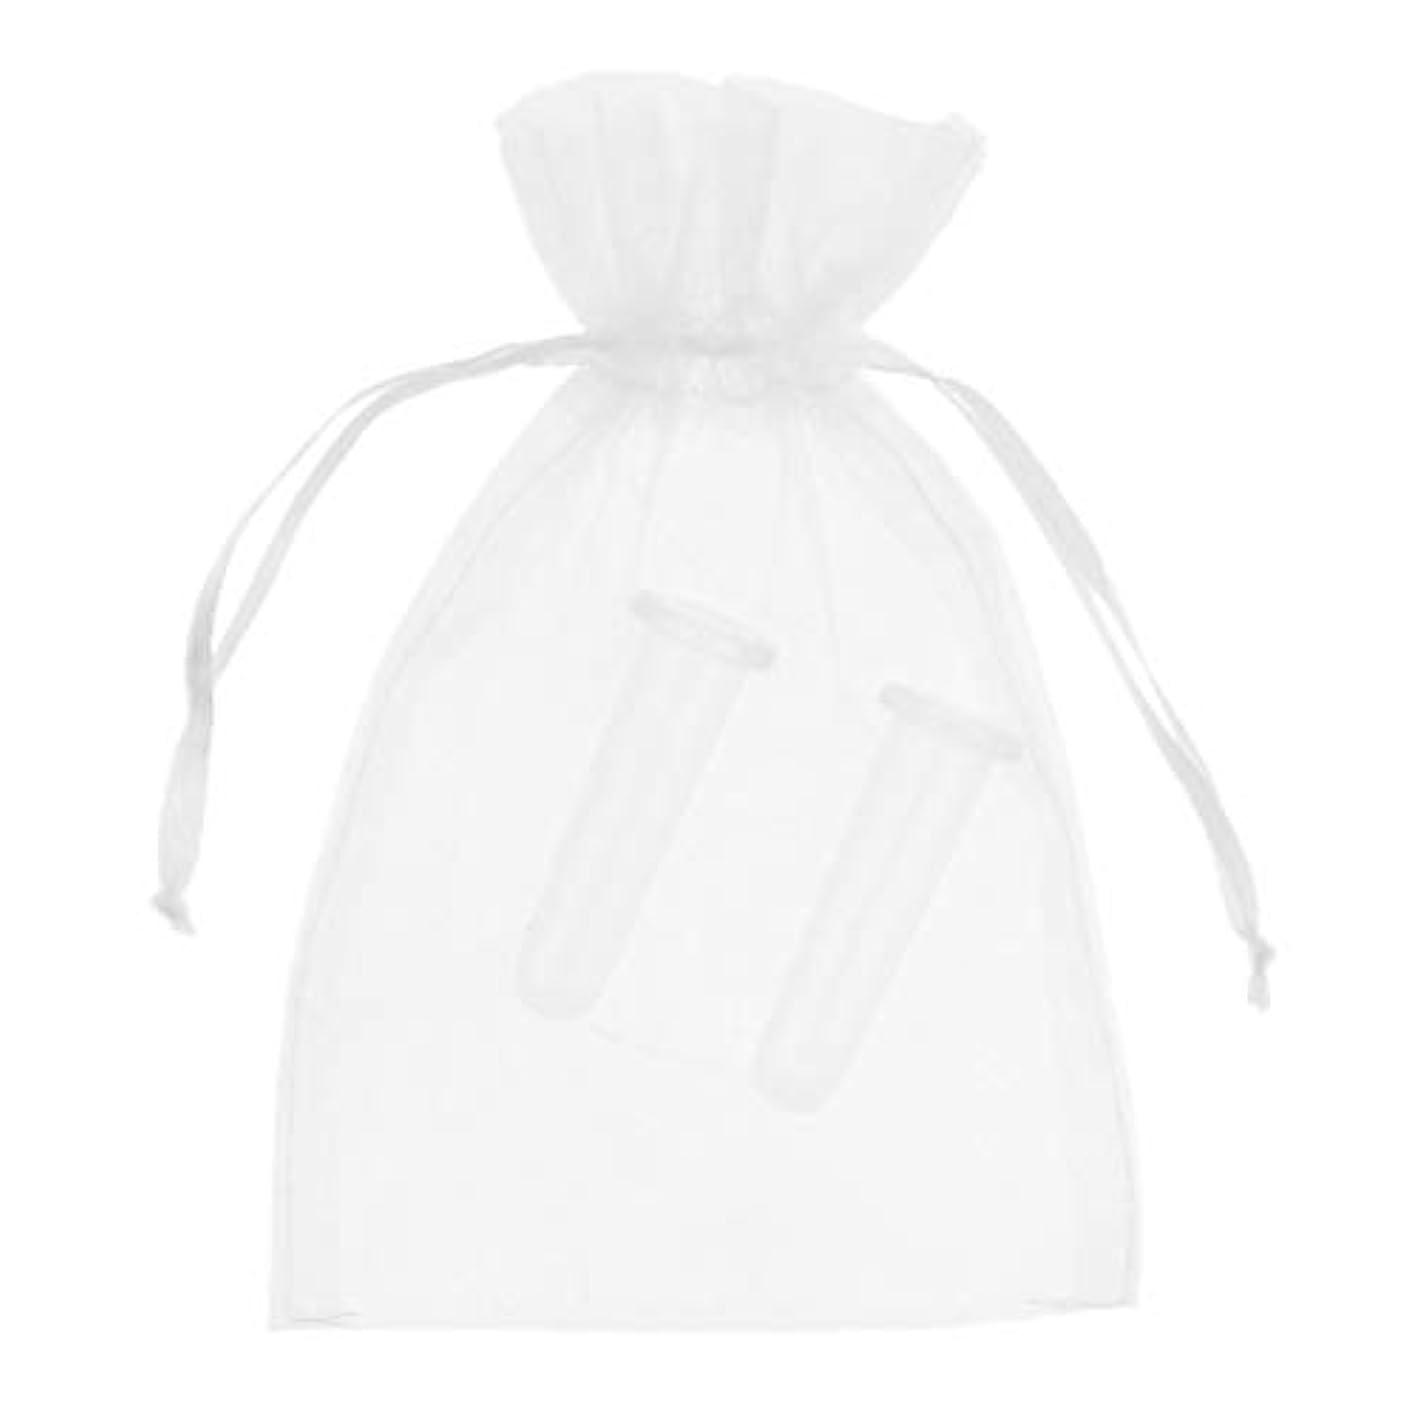 付録バンジョーペイント2個 シリコーン製 真空 顔用マッサージ カッピング 吸い玉カップ カッピング 収納ポーチ付き全2色 - ホワイト